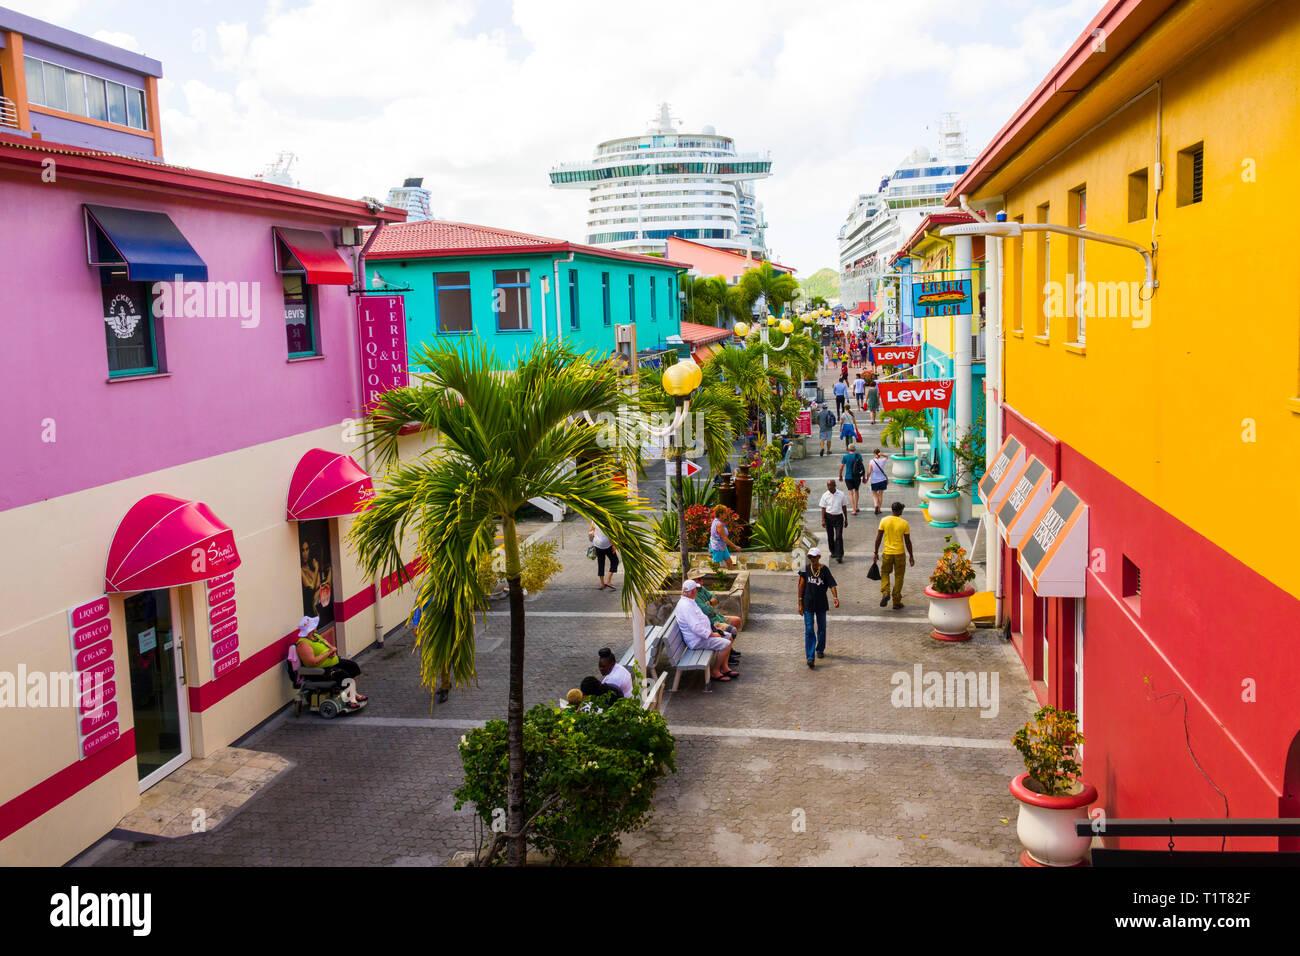 St. John's Antigua est la capitale et la plus grande ville d'Antigua-et-Barbuda, situé dans les Antilles dans la mer des Caraïbes et avec une population de 22 Banque D'Images